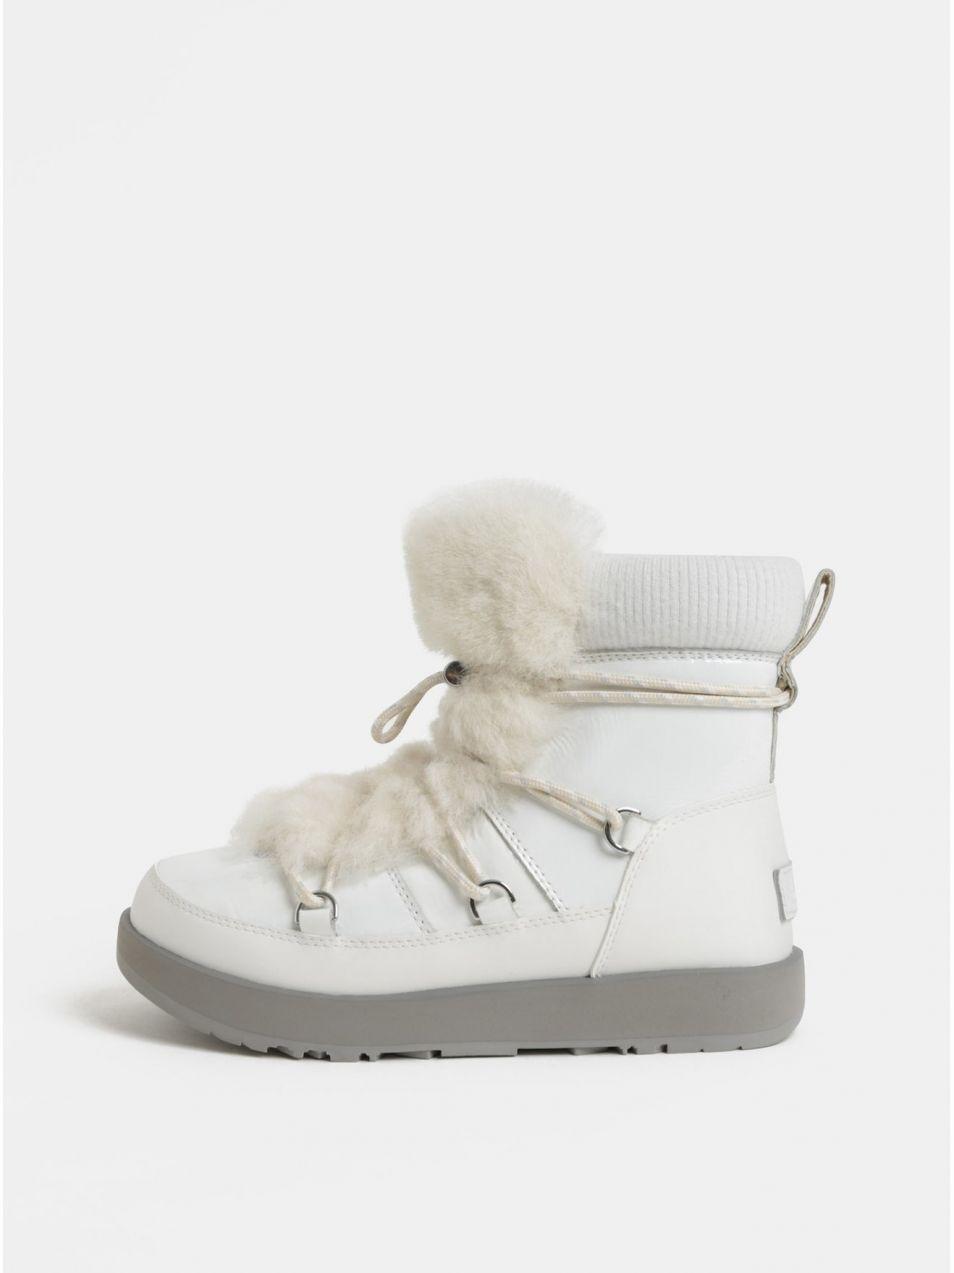 634704e5948f Biele nepremokavé kožené zimné topánky s kožušinkou UGG Highland značky UGG  - Lovely.sk